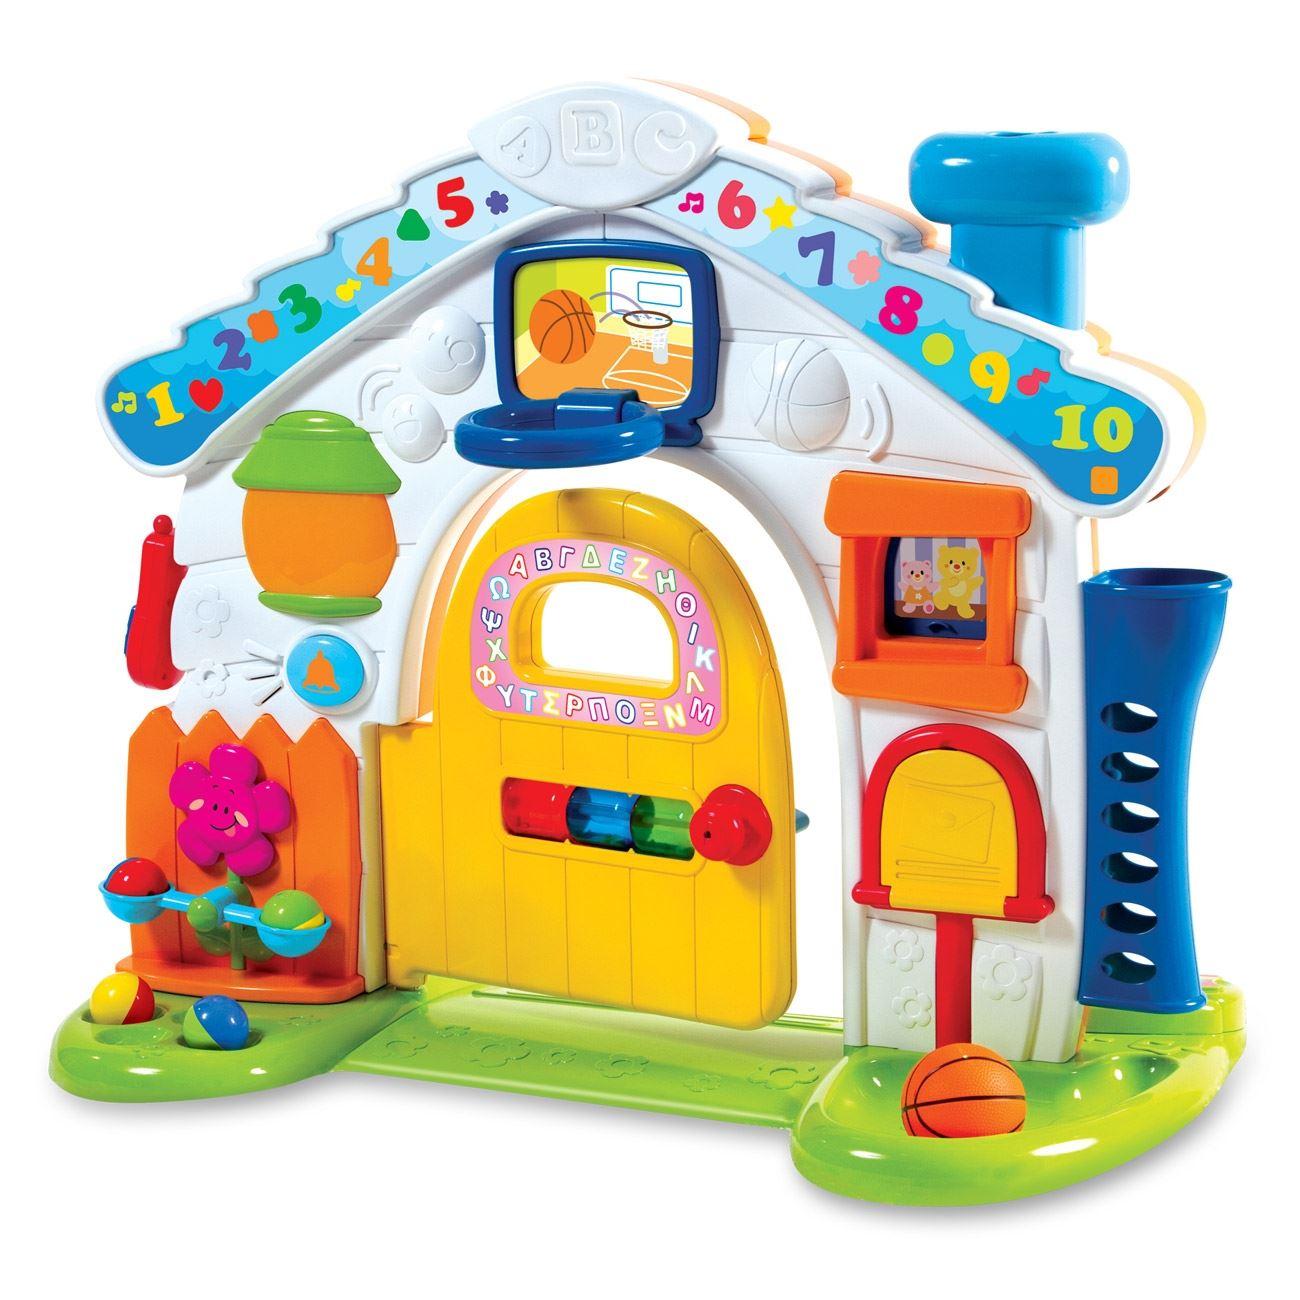 01ee3bef144 παιχνιδια για παιδια 2 ετων Jumbo   Μουσικό Σπιτάκι με Φωτάκια < Προσχολικά  Παιχνίδια Δραστηριοτήτων